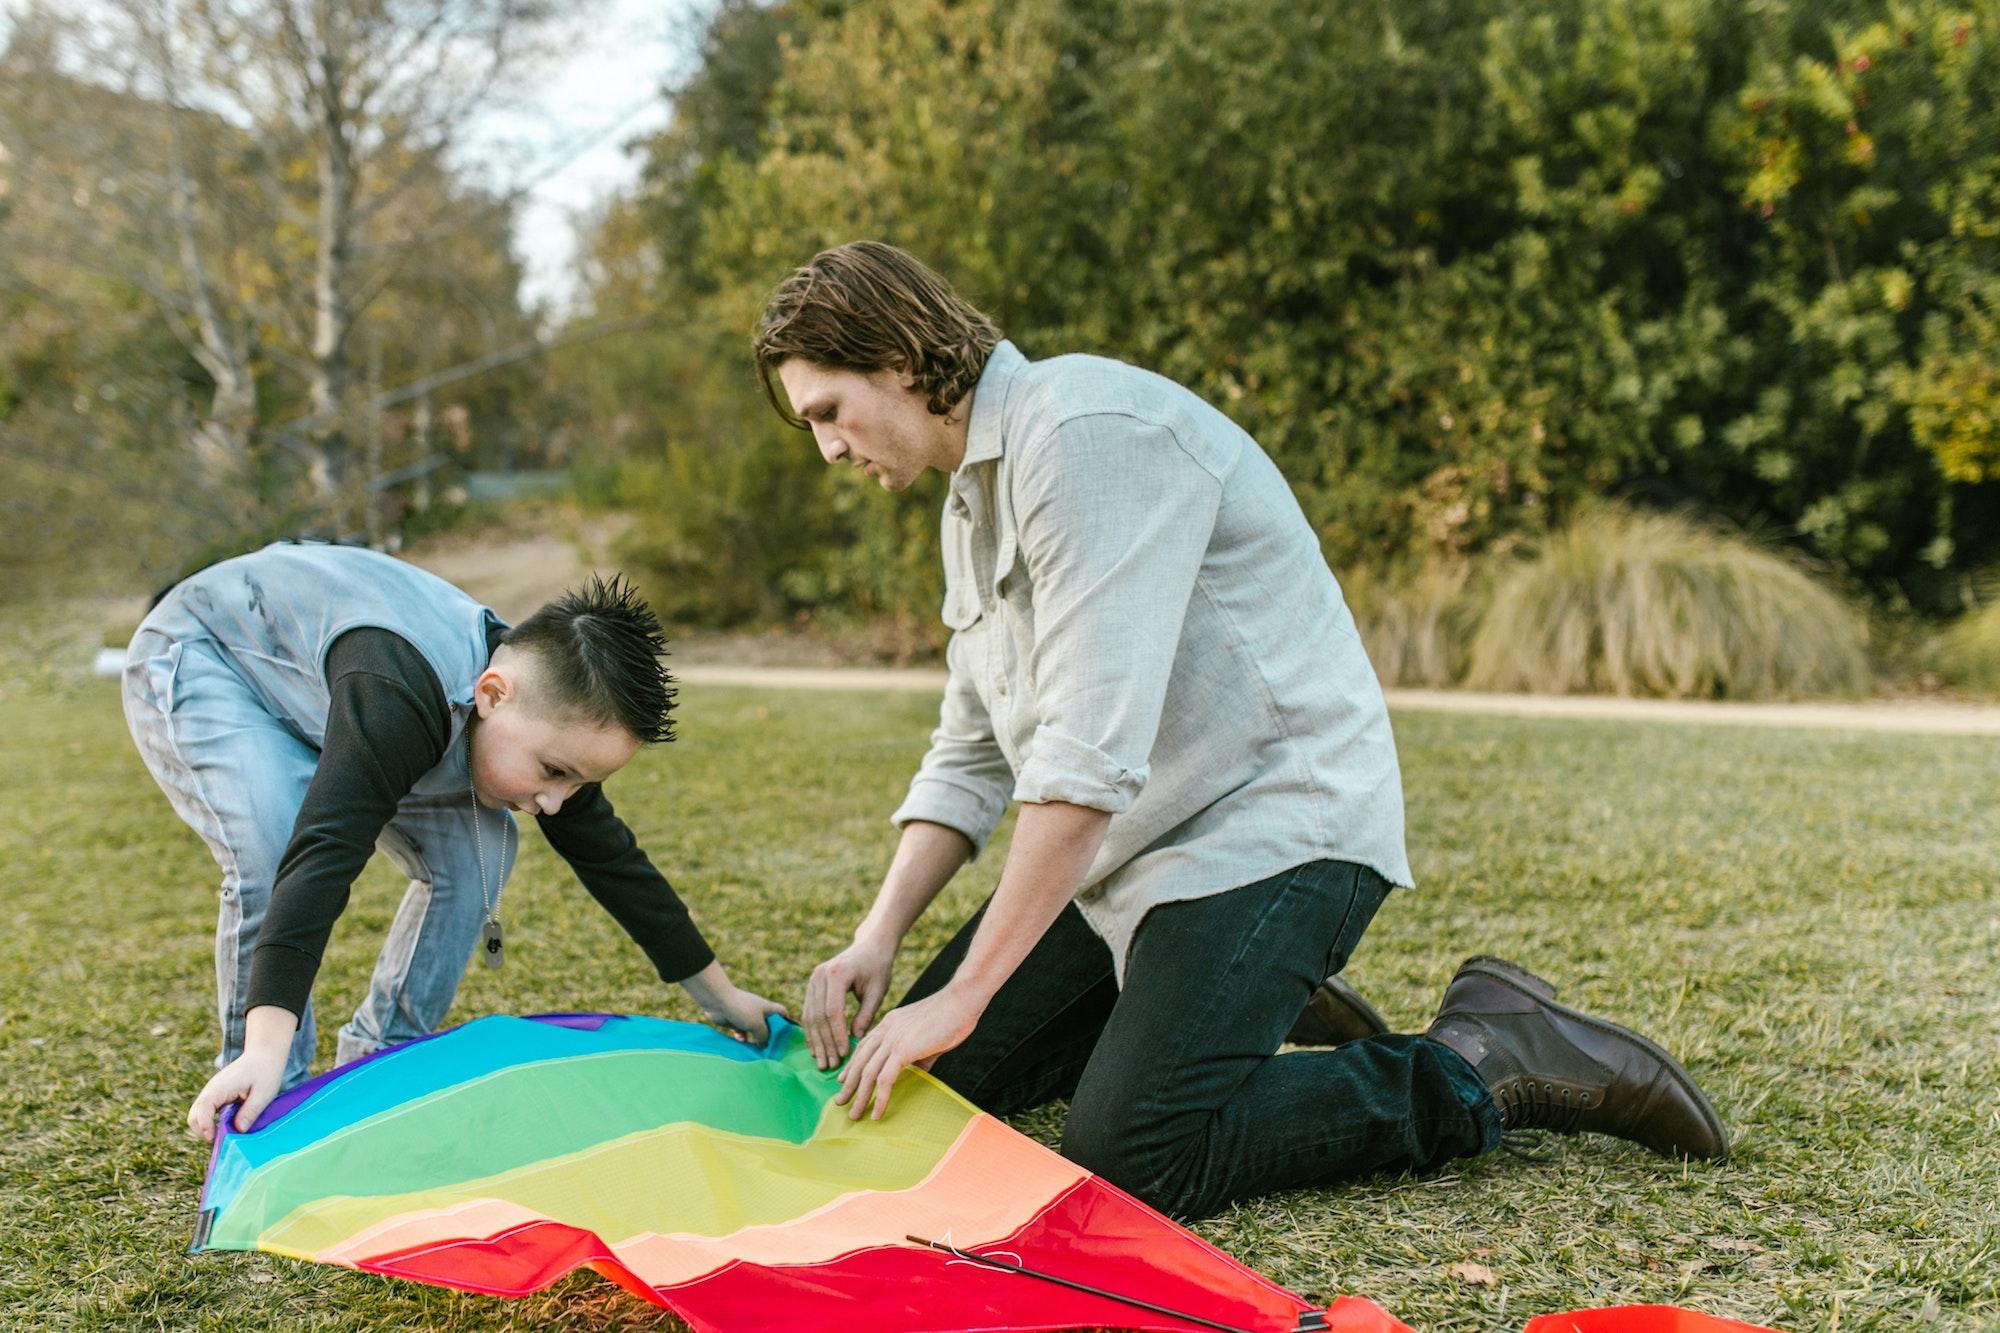 Mann in Jeanshemd und dunkler Hose legt mit Jungen in Jeansweste und Jeanshose einen Drachen auf einer Wiese aus